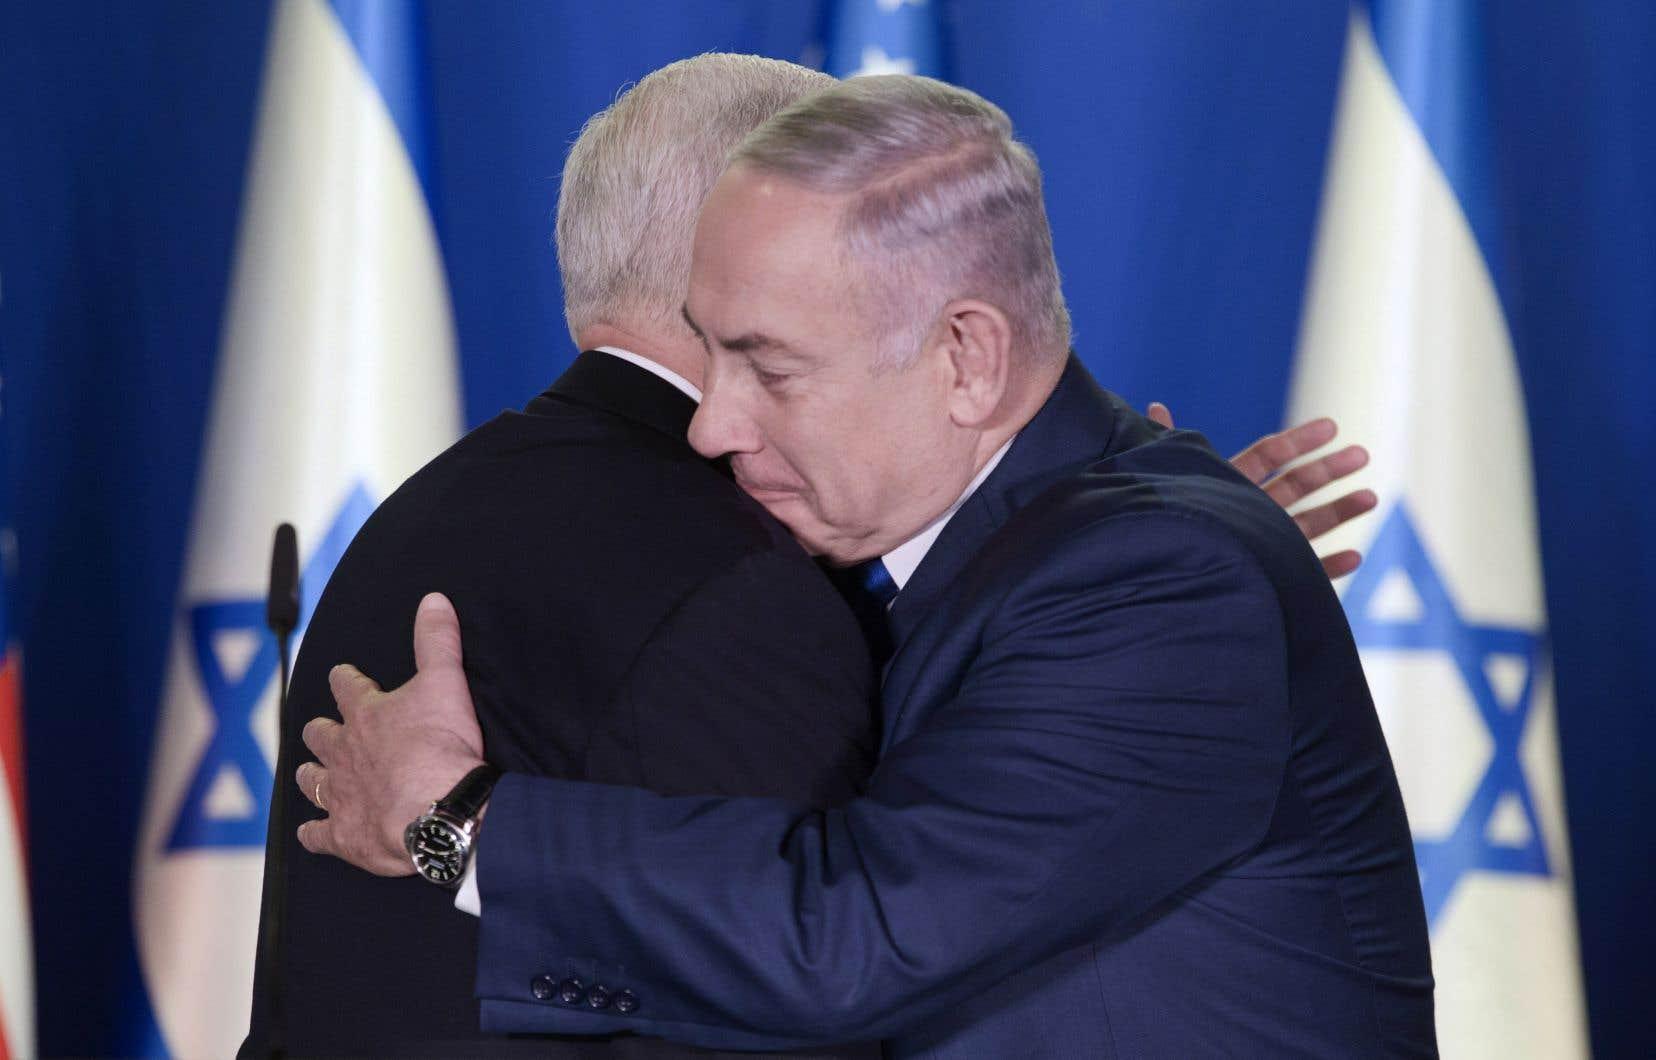 Le vice-président américain, Mike Pence, donnant l'accolade au premier ministre israélien, Benjamin Nétanyahou, lundi